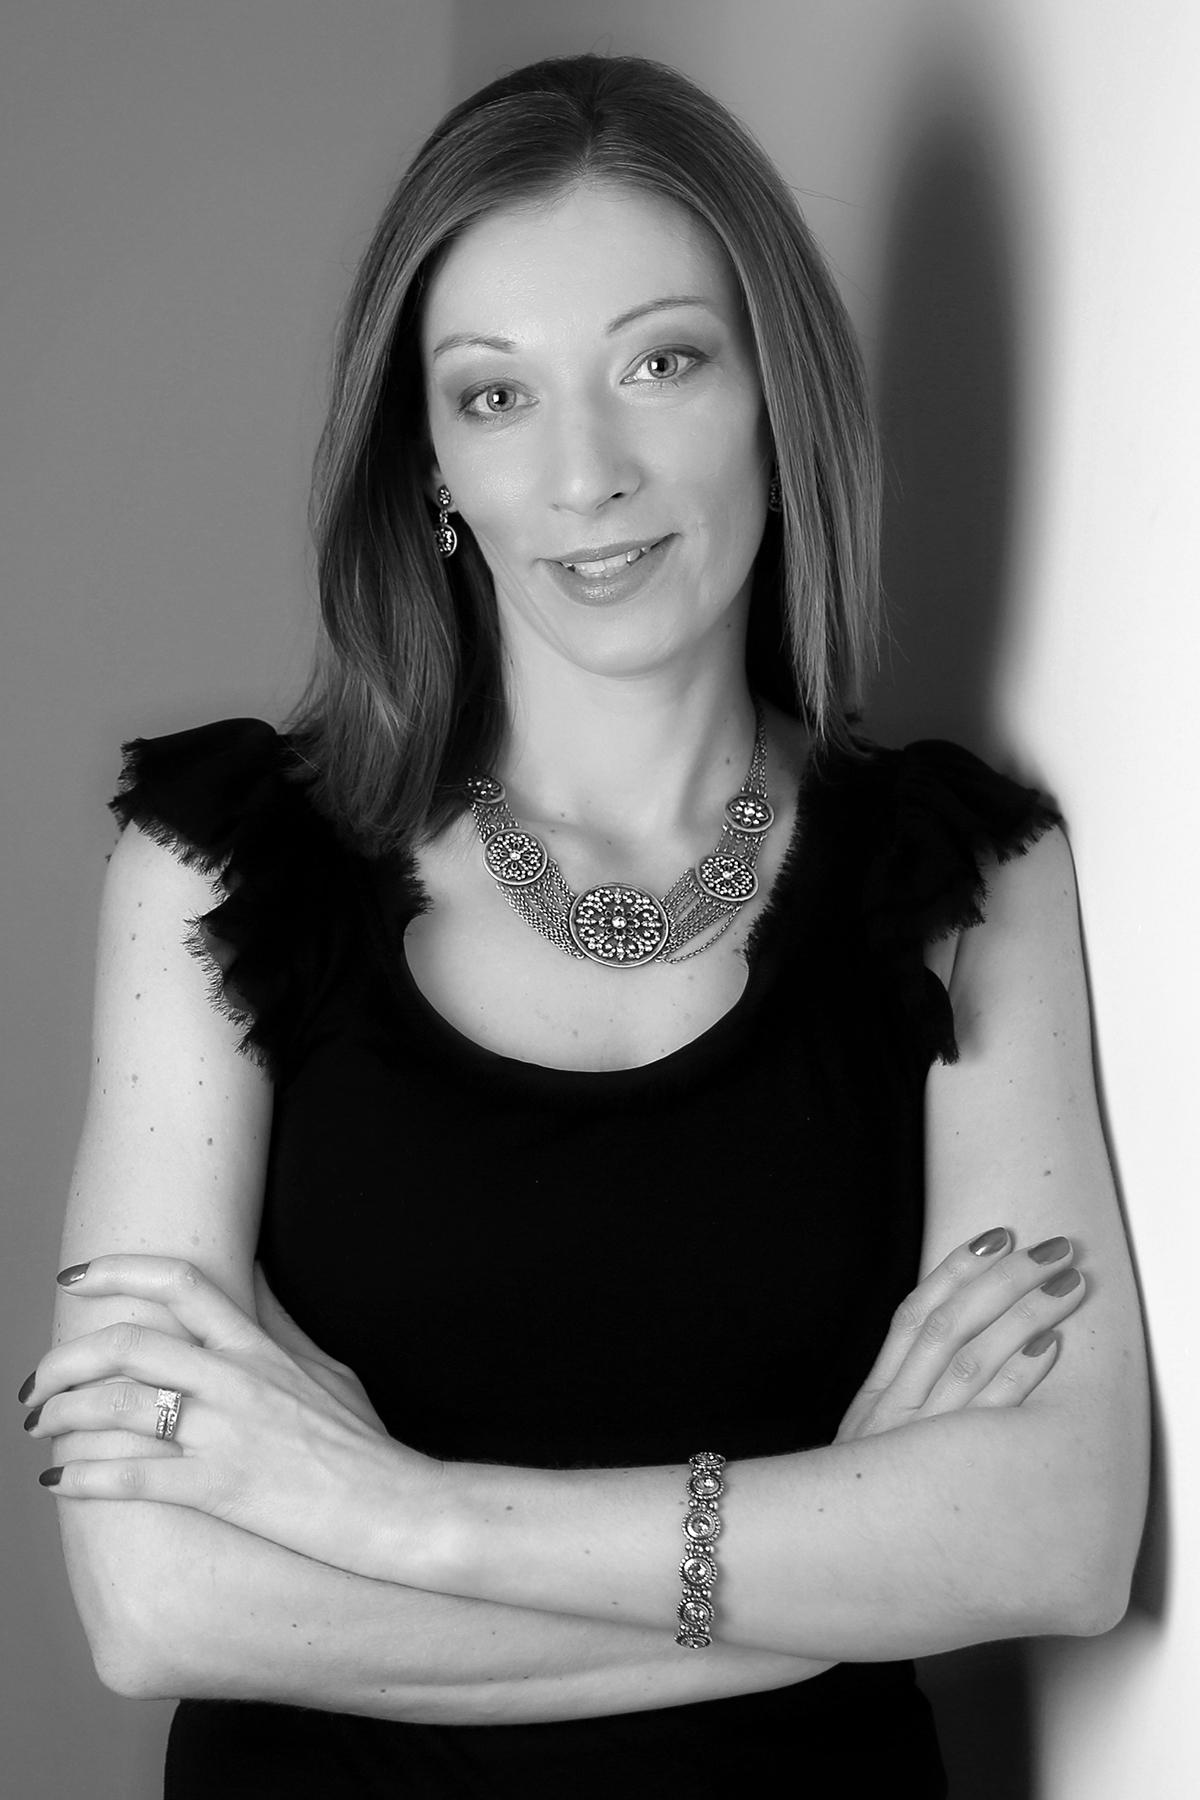 Michelle Blane